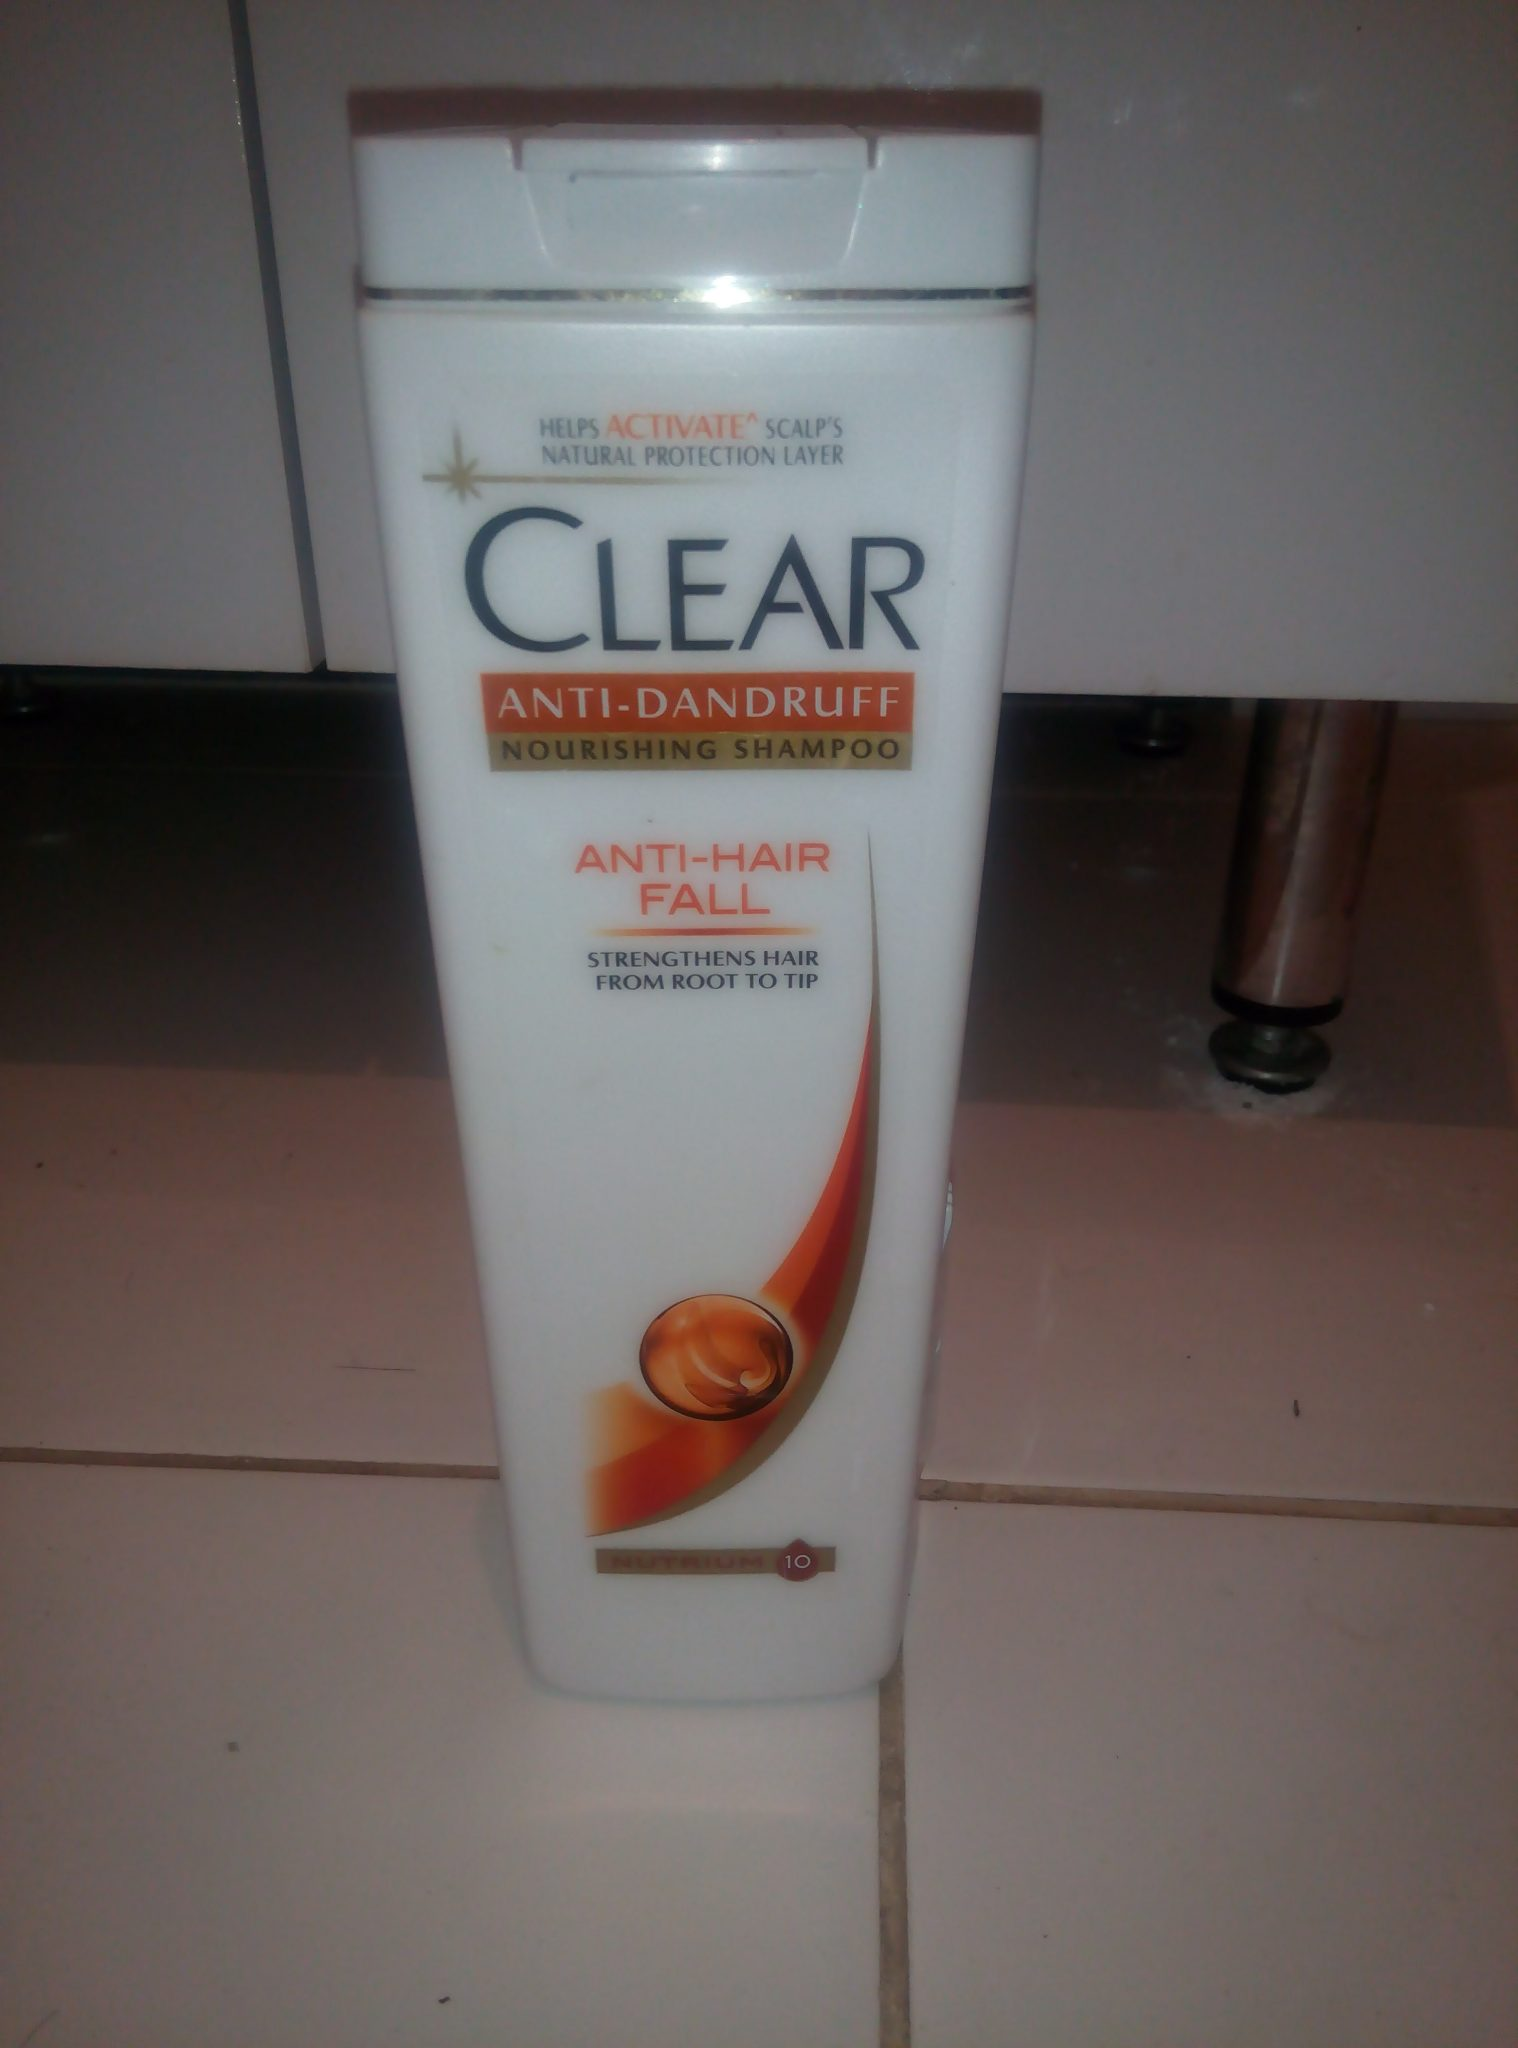 Шампунь Clear Vita Abe против перхоти  для женщин «Защита от выпадения волос»